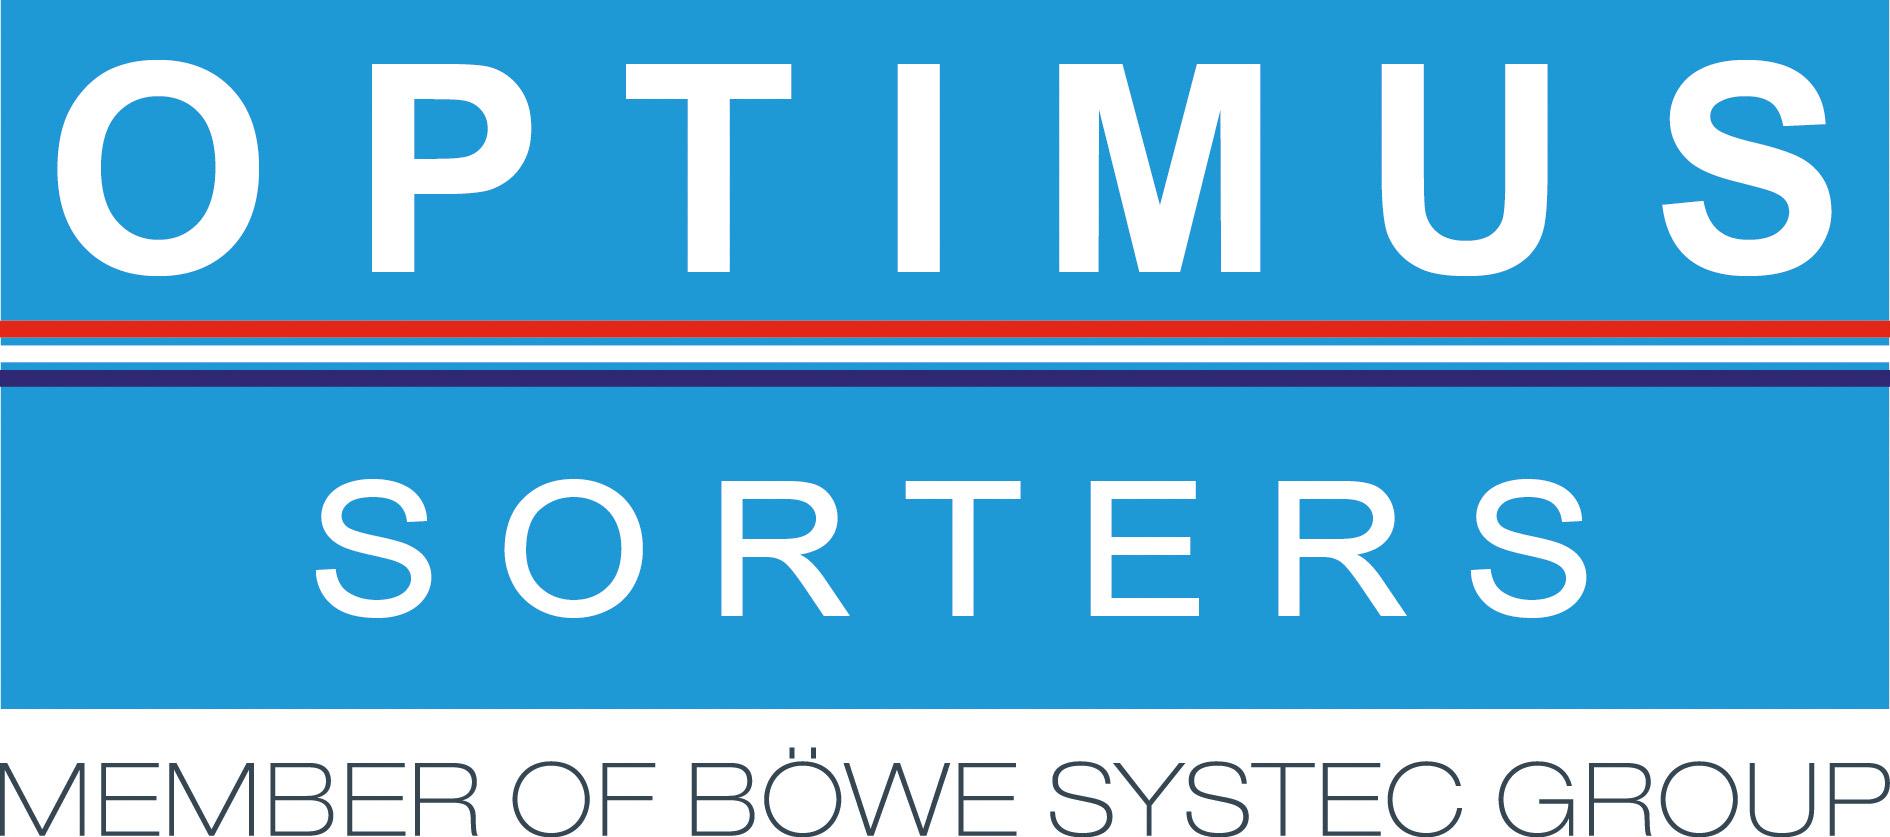 logo_optimus_sorters_boewe_member-RGB.jpg